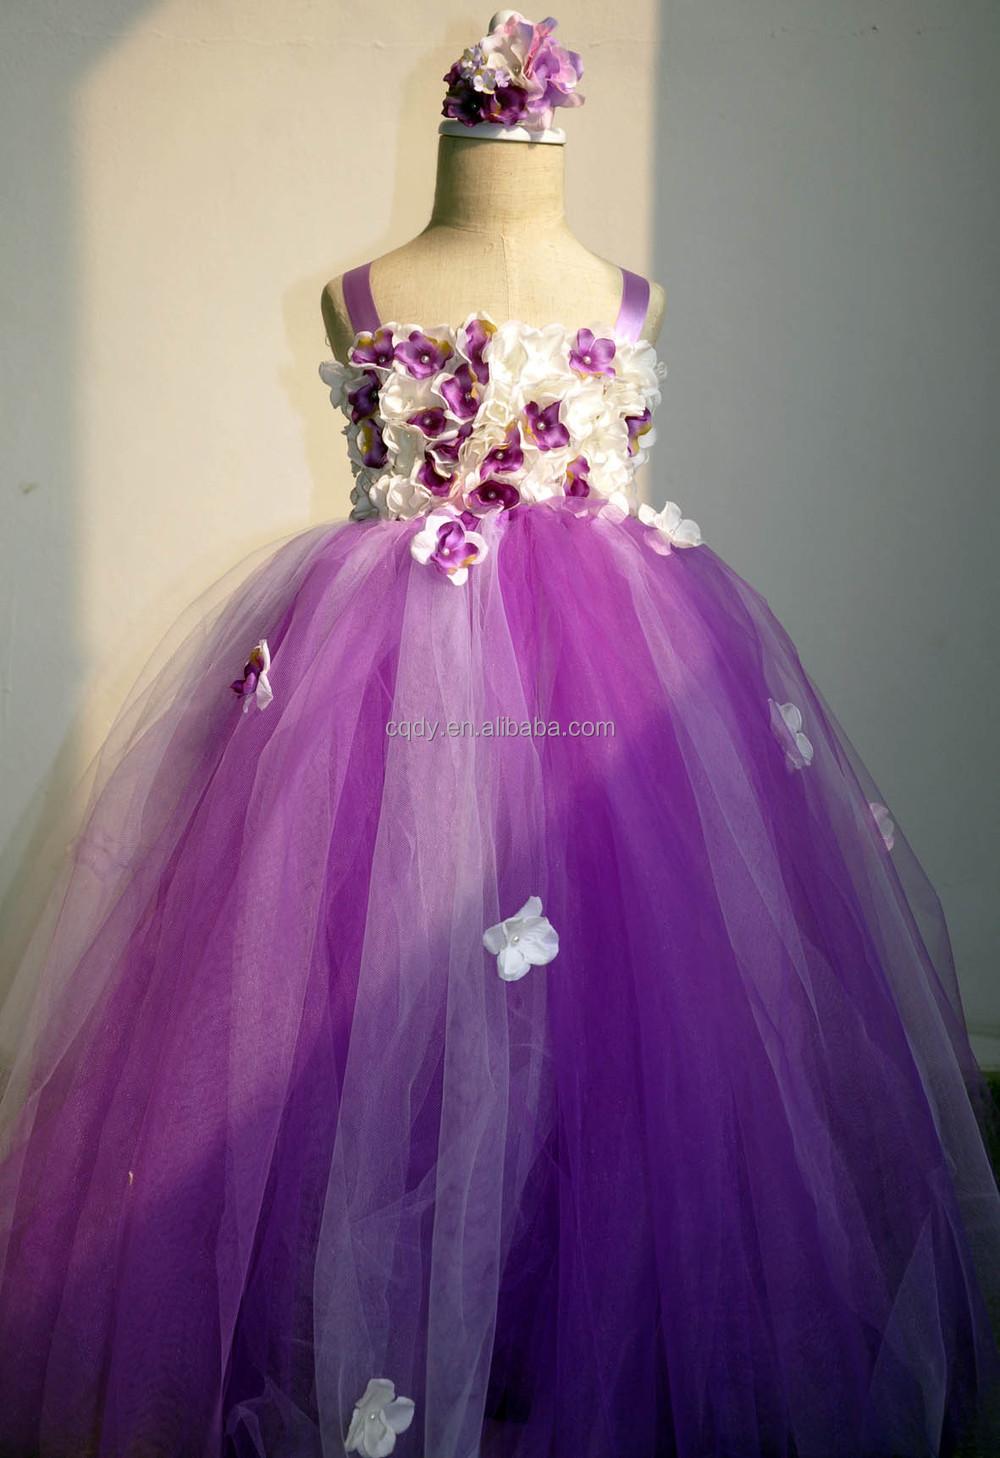 Floral Children Tutu Dress Flower Girl Dress Purple Tulle